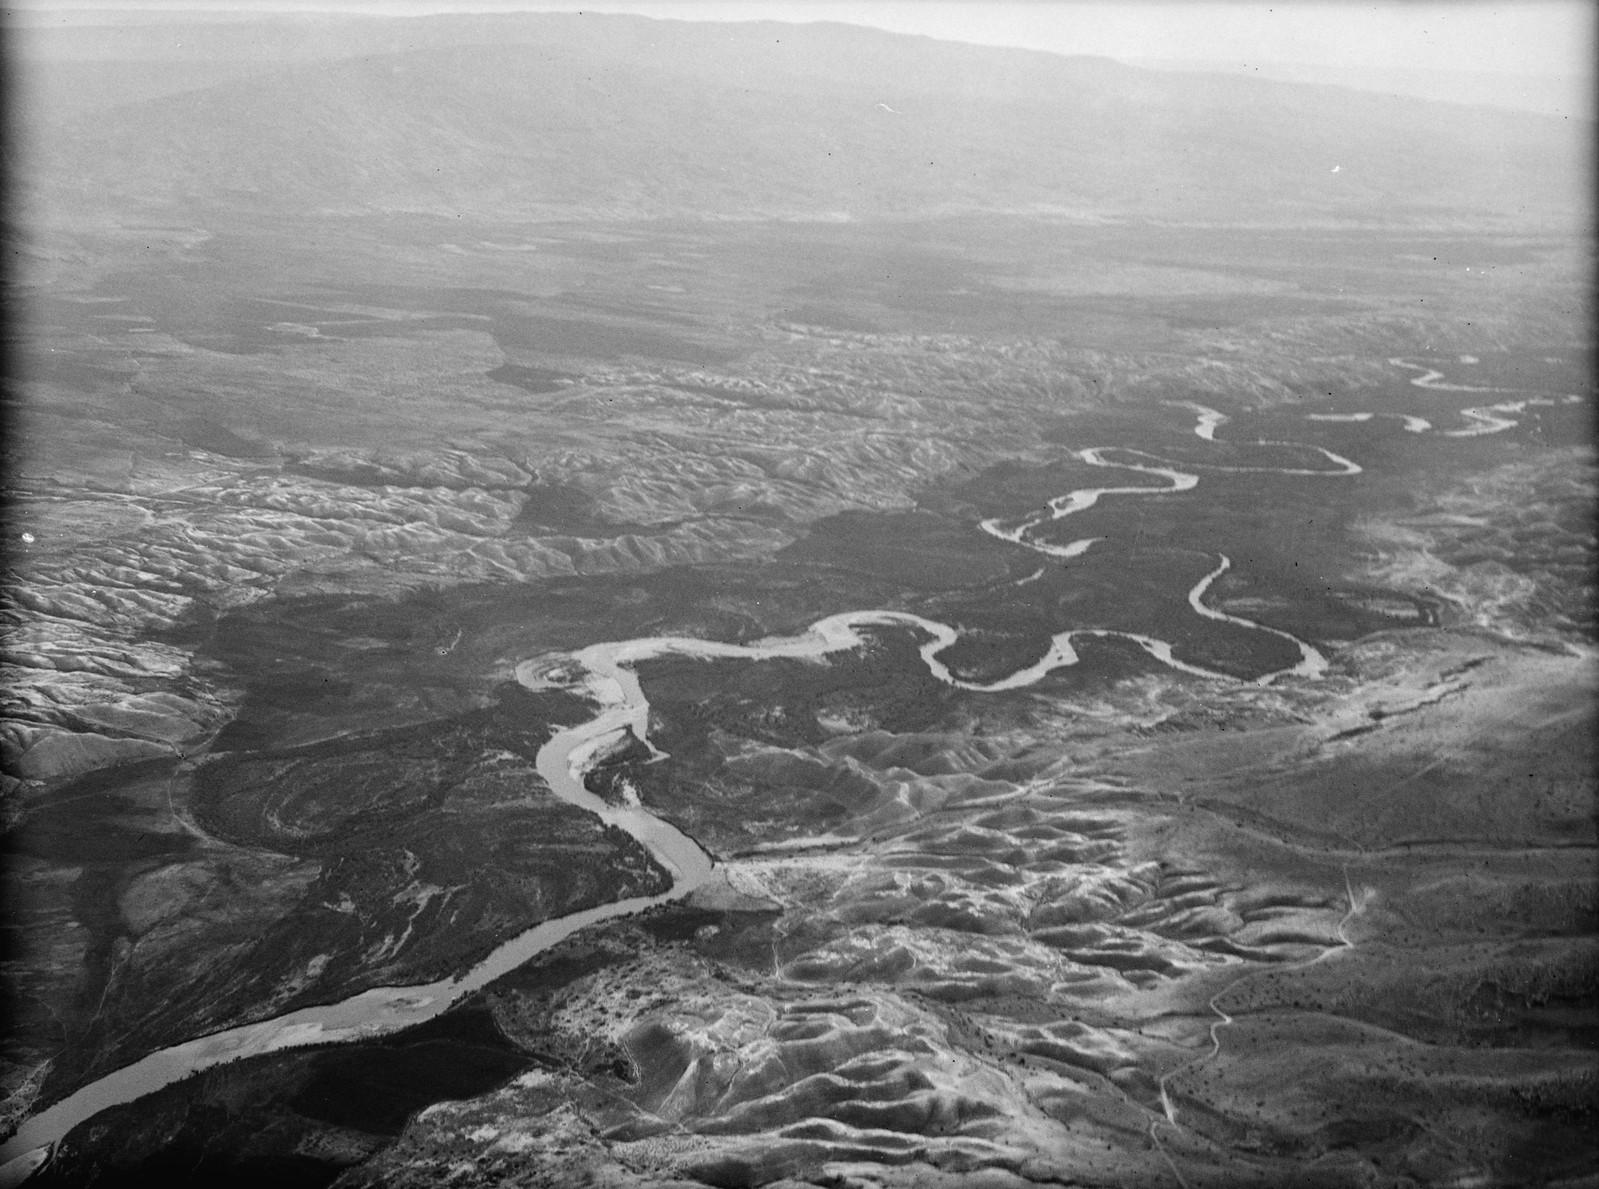 Полет на юг через Иорданский Разлом. Извилистое течение Иордана, смотрящее вниз по течению, осматривающее широкие просторы долины реки Иордан